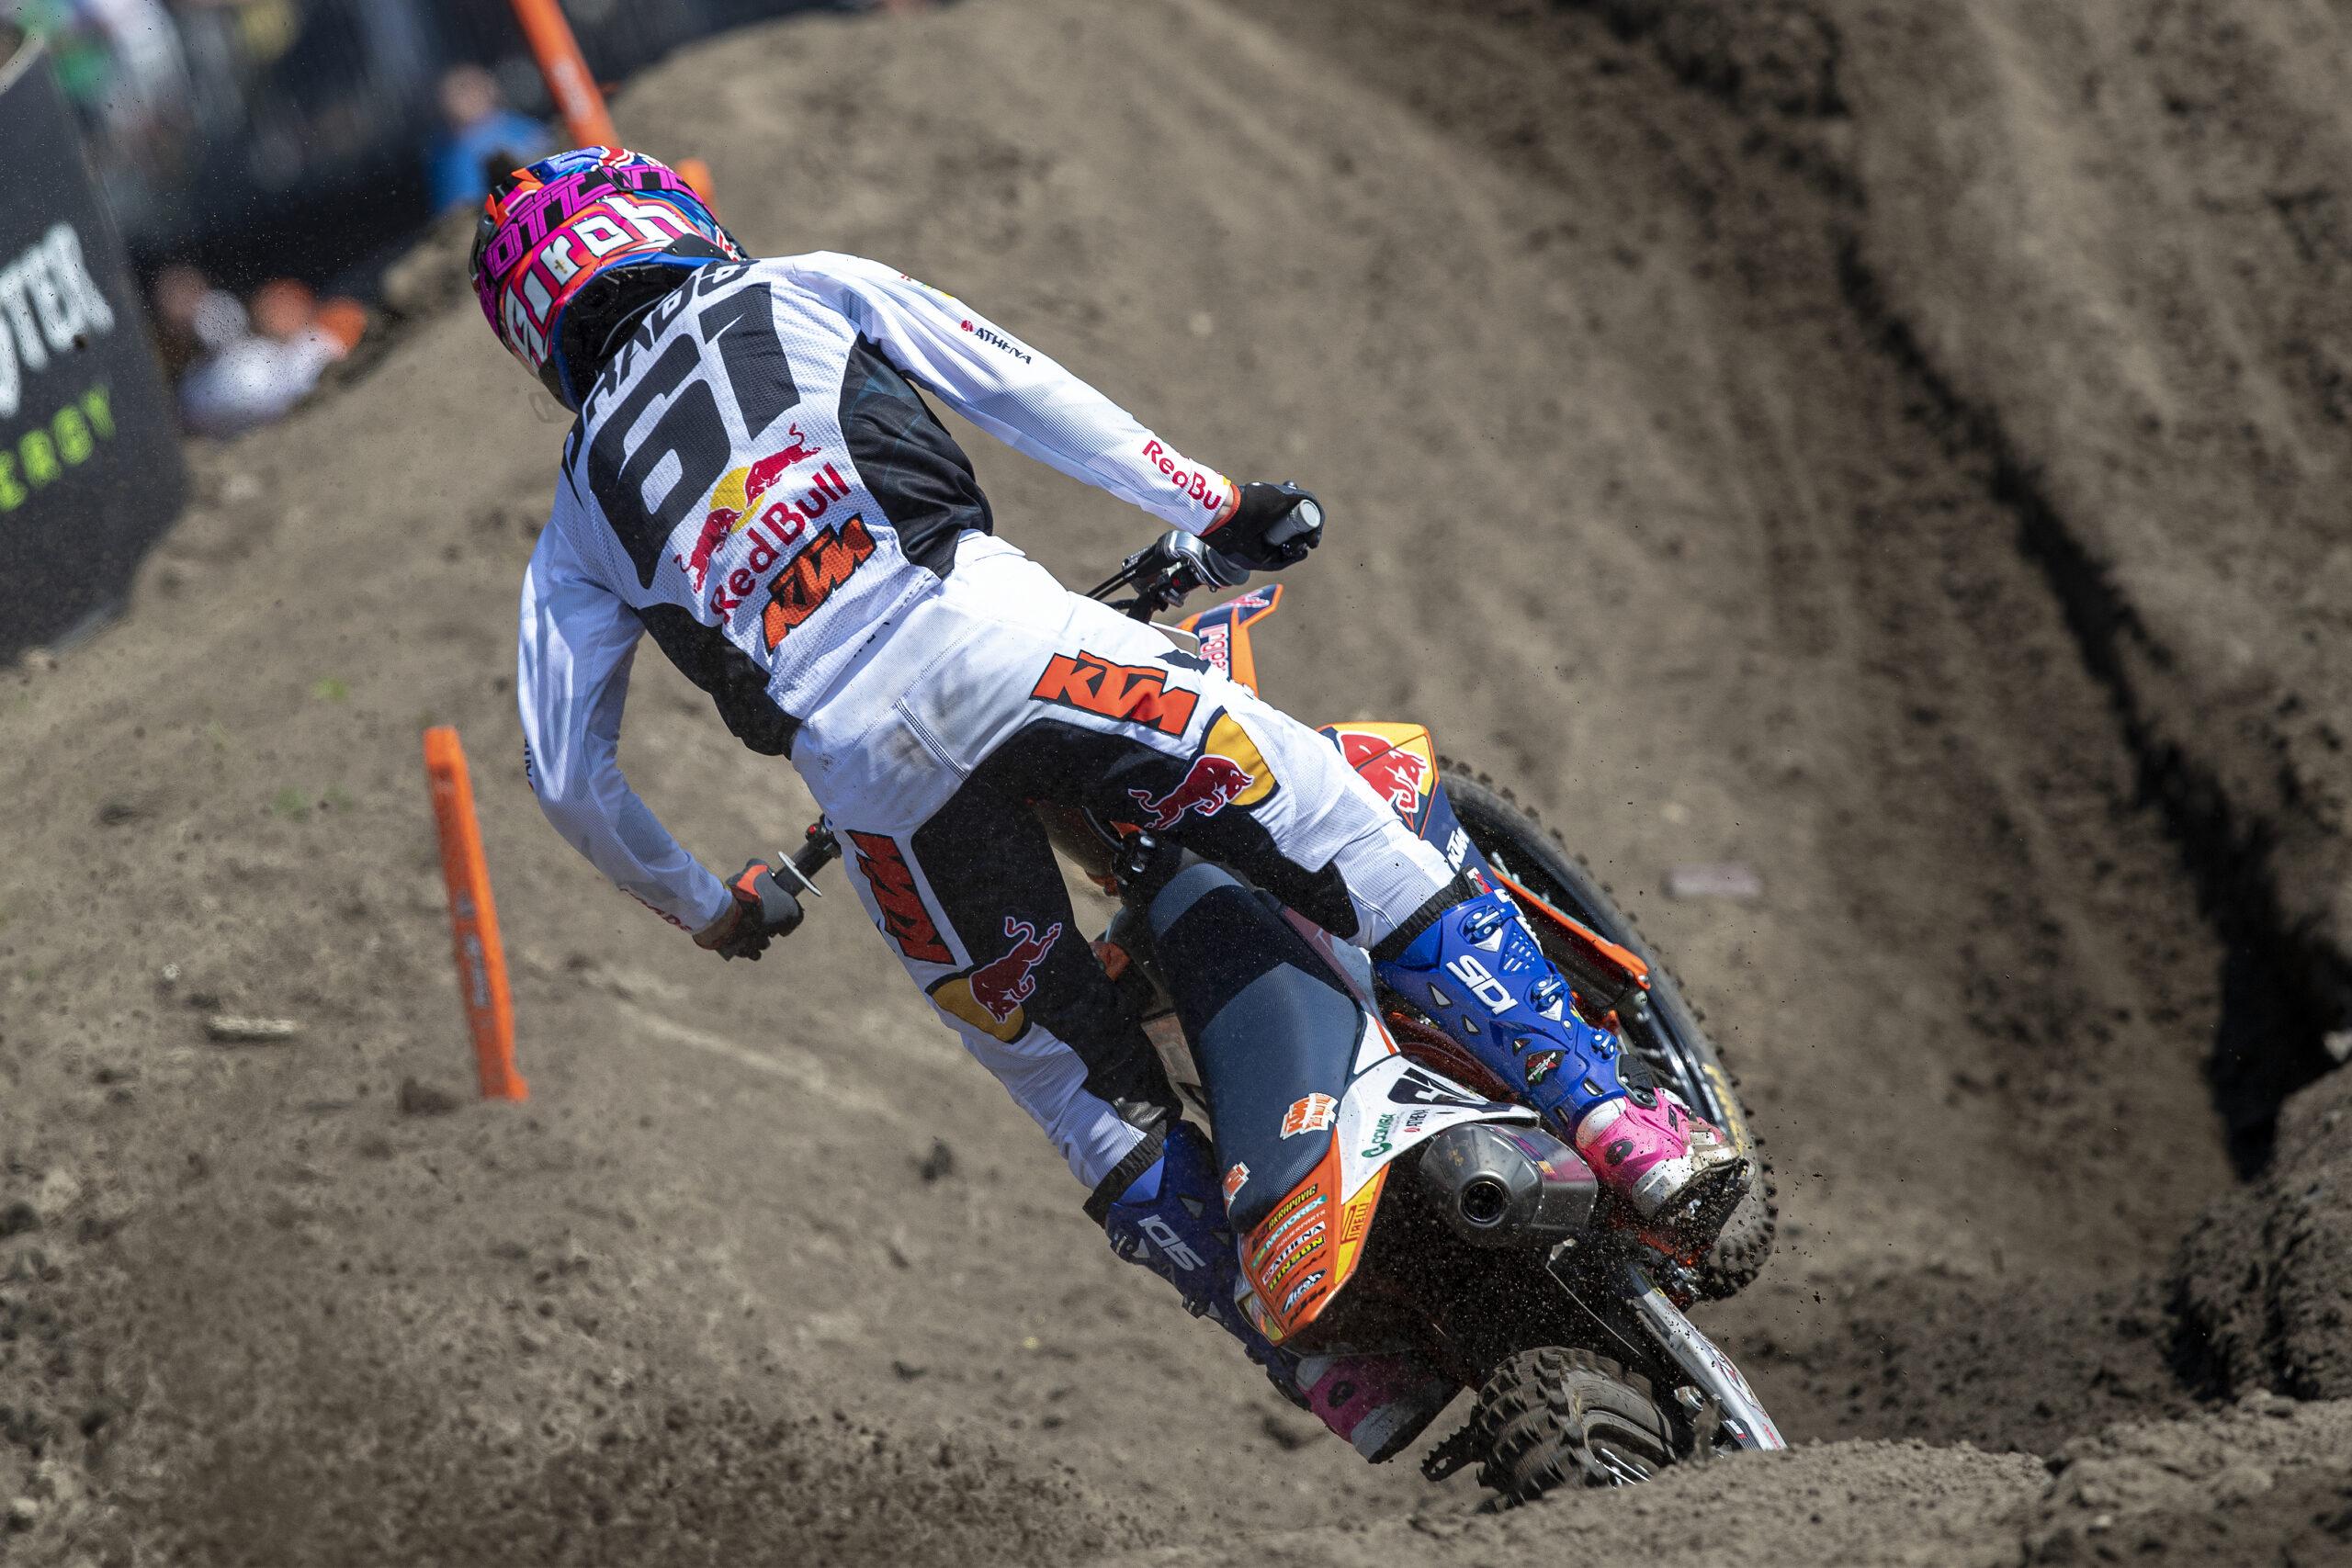 Problemas de respiración complicaron la carrera de Jorge Prado hoy en Oss